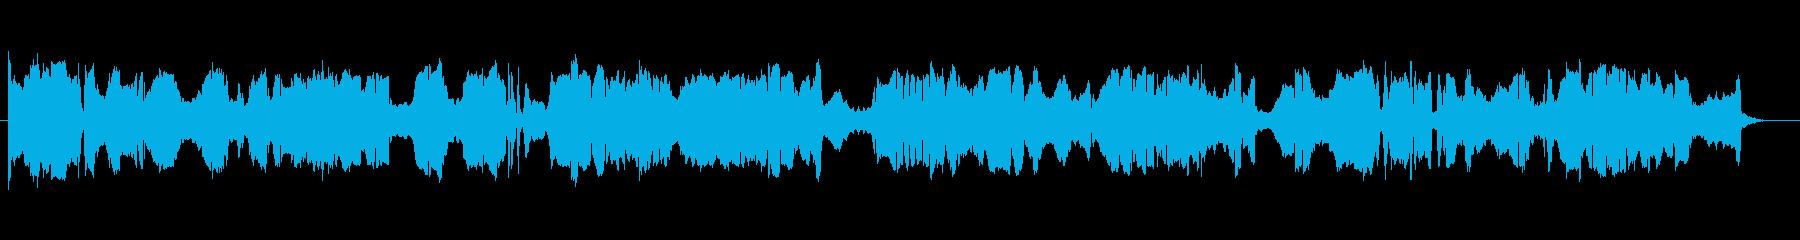 中国風 勇ましさのある二胡独奏の再生済みの波形